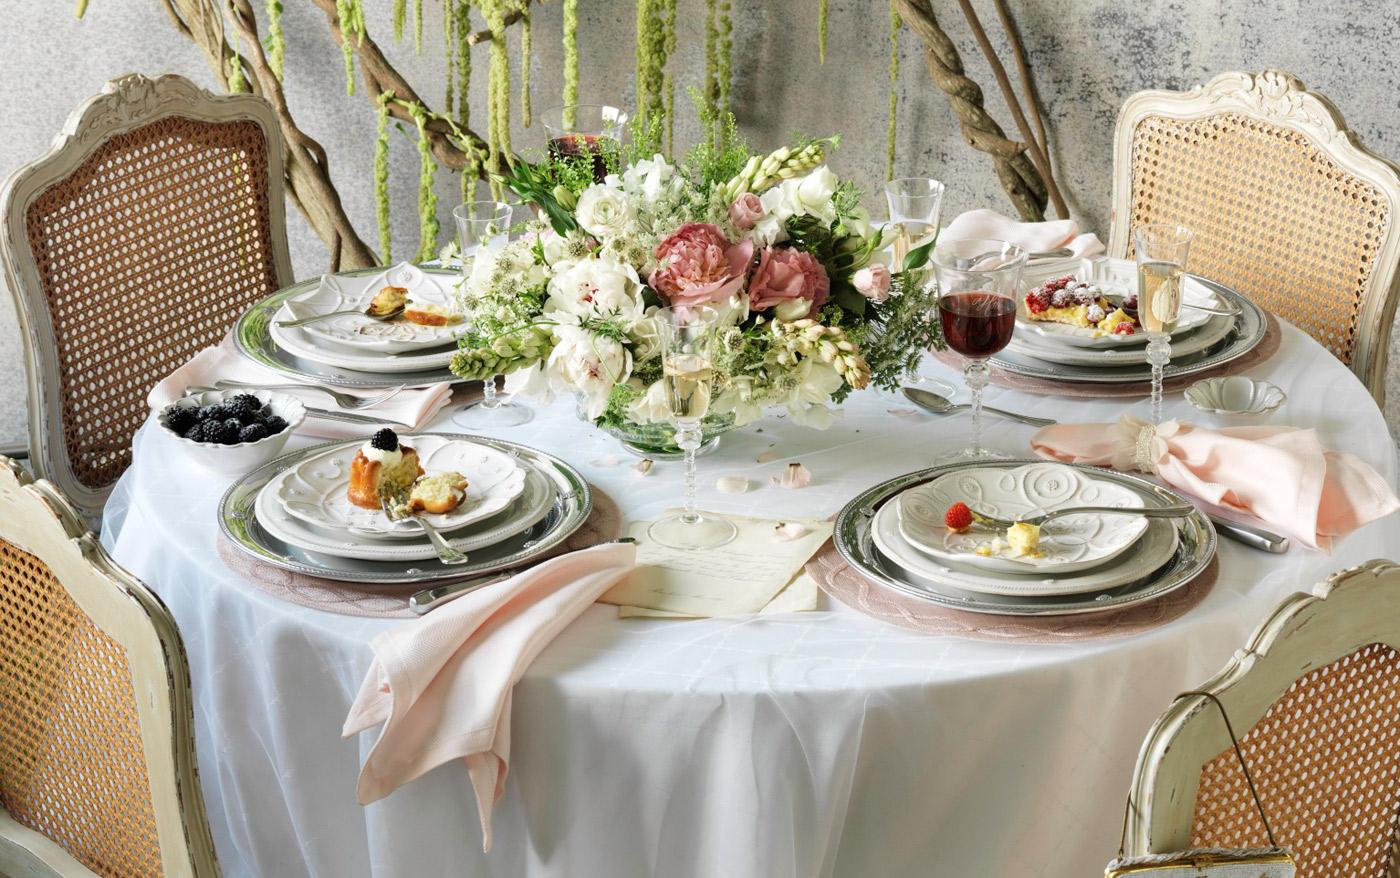 juliska-bridal-registry.jpg